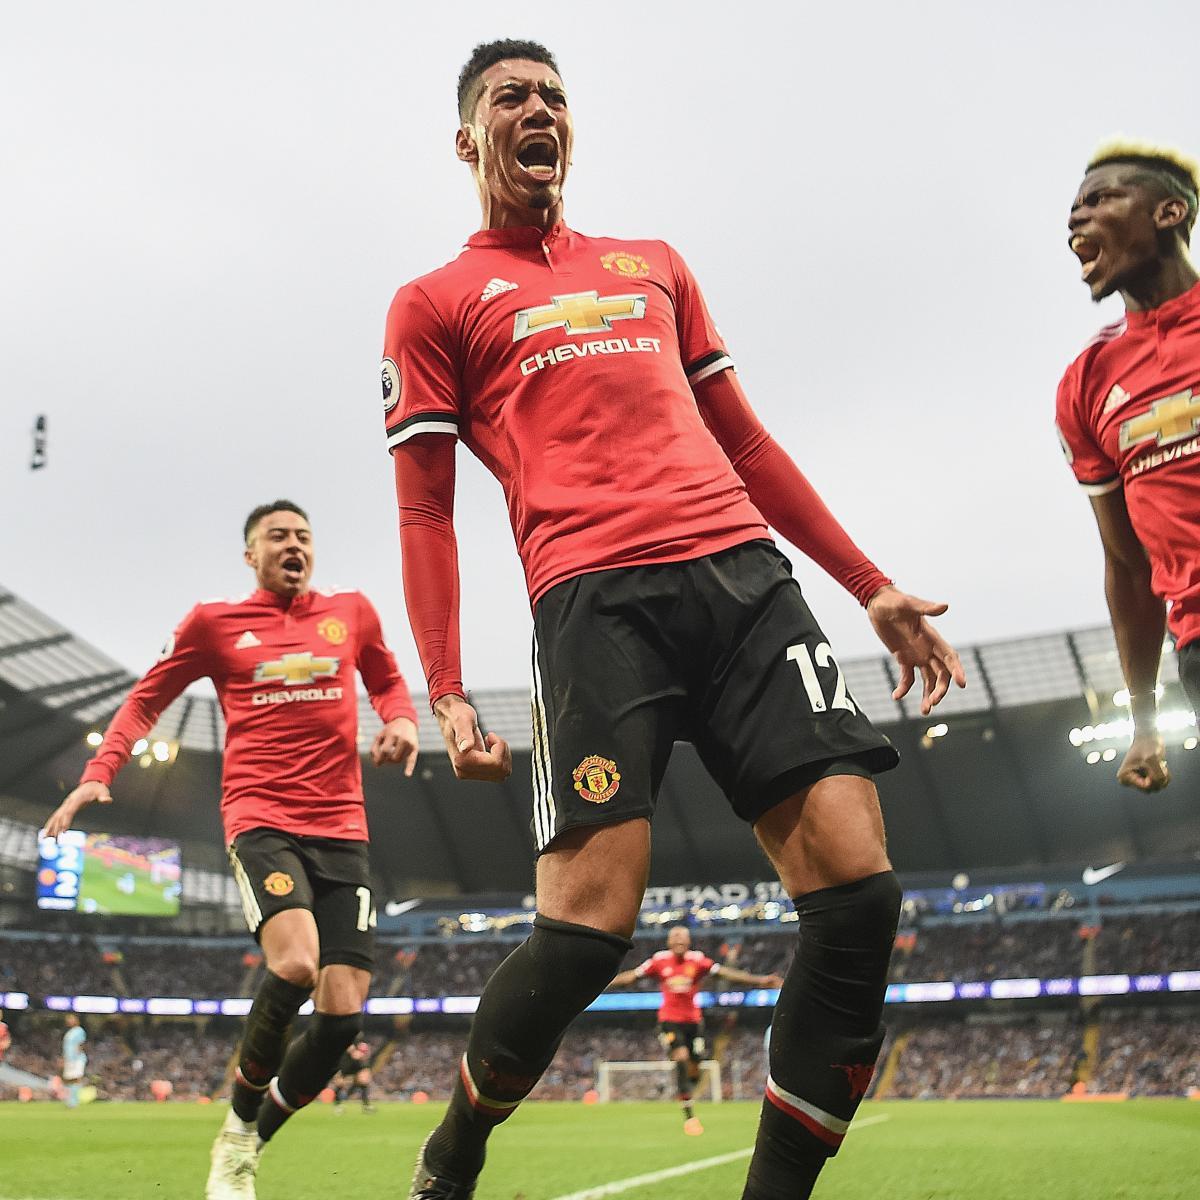 Premier League 2018 19 Live: Manchester United Schedule 2018-19: Premier League